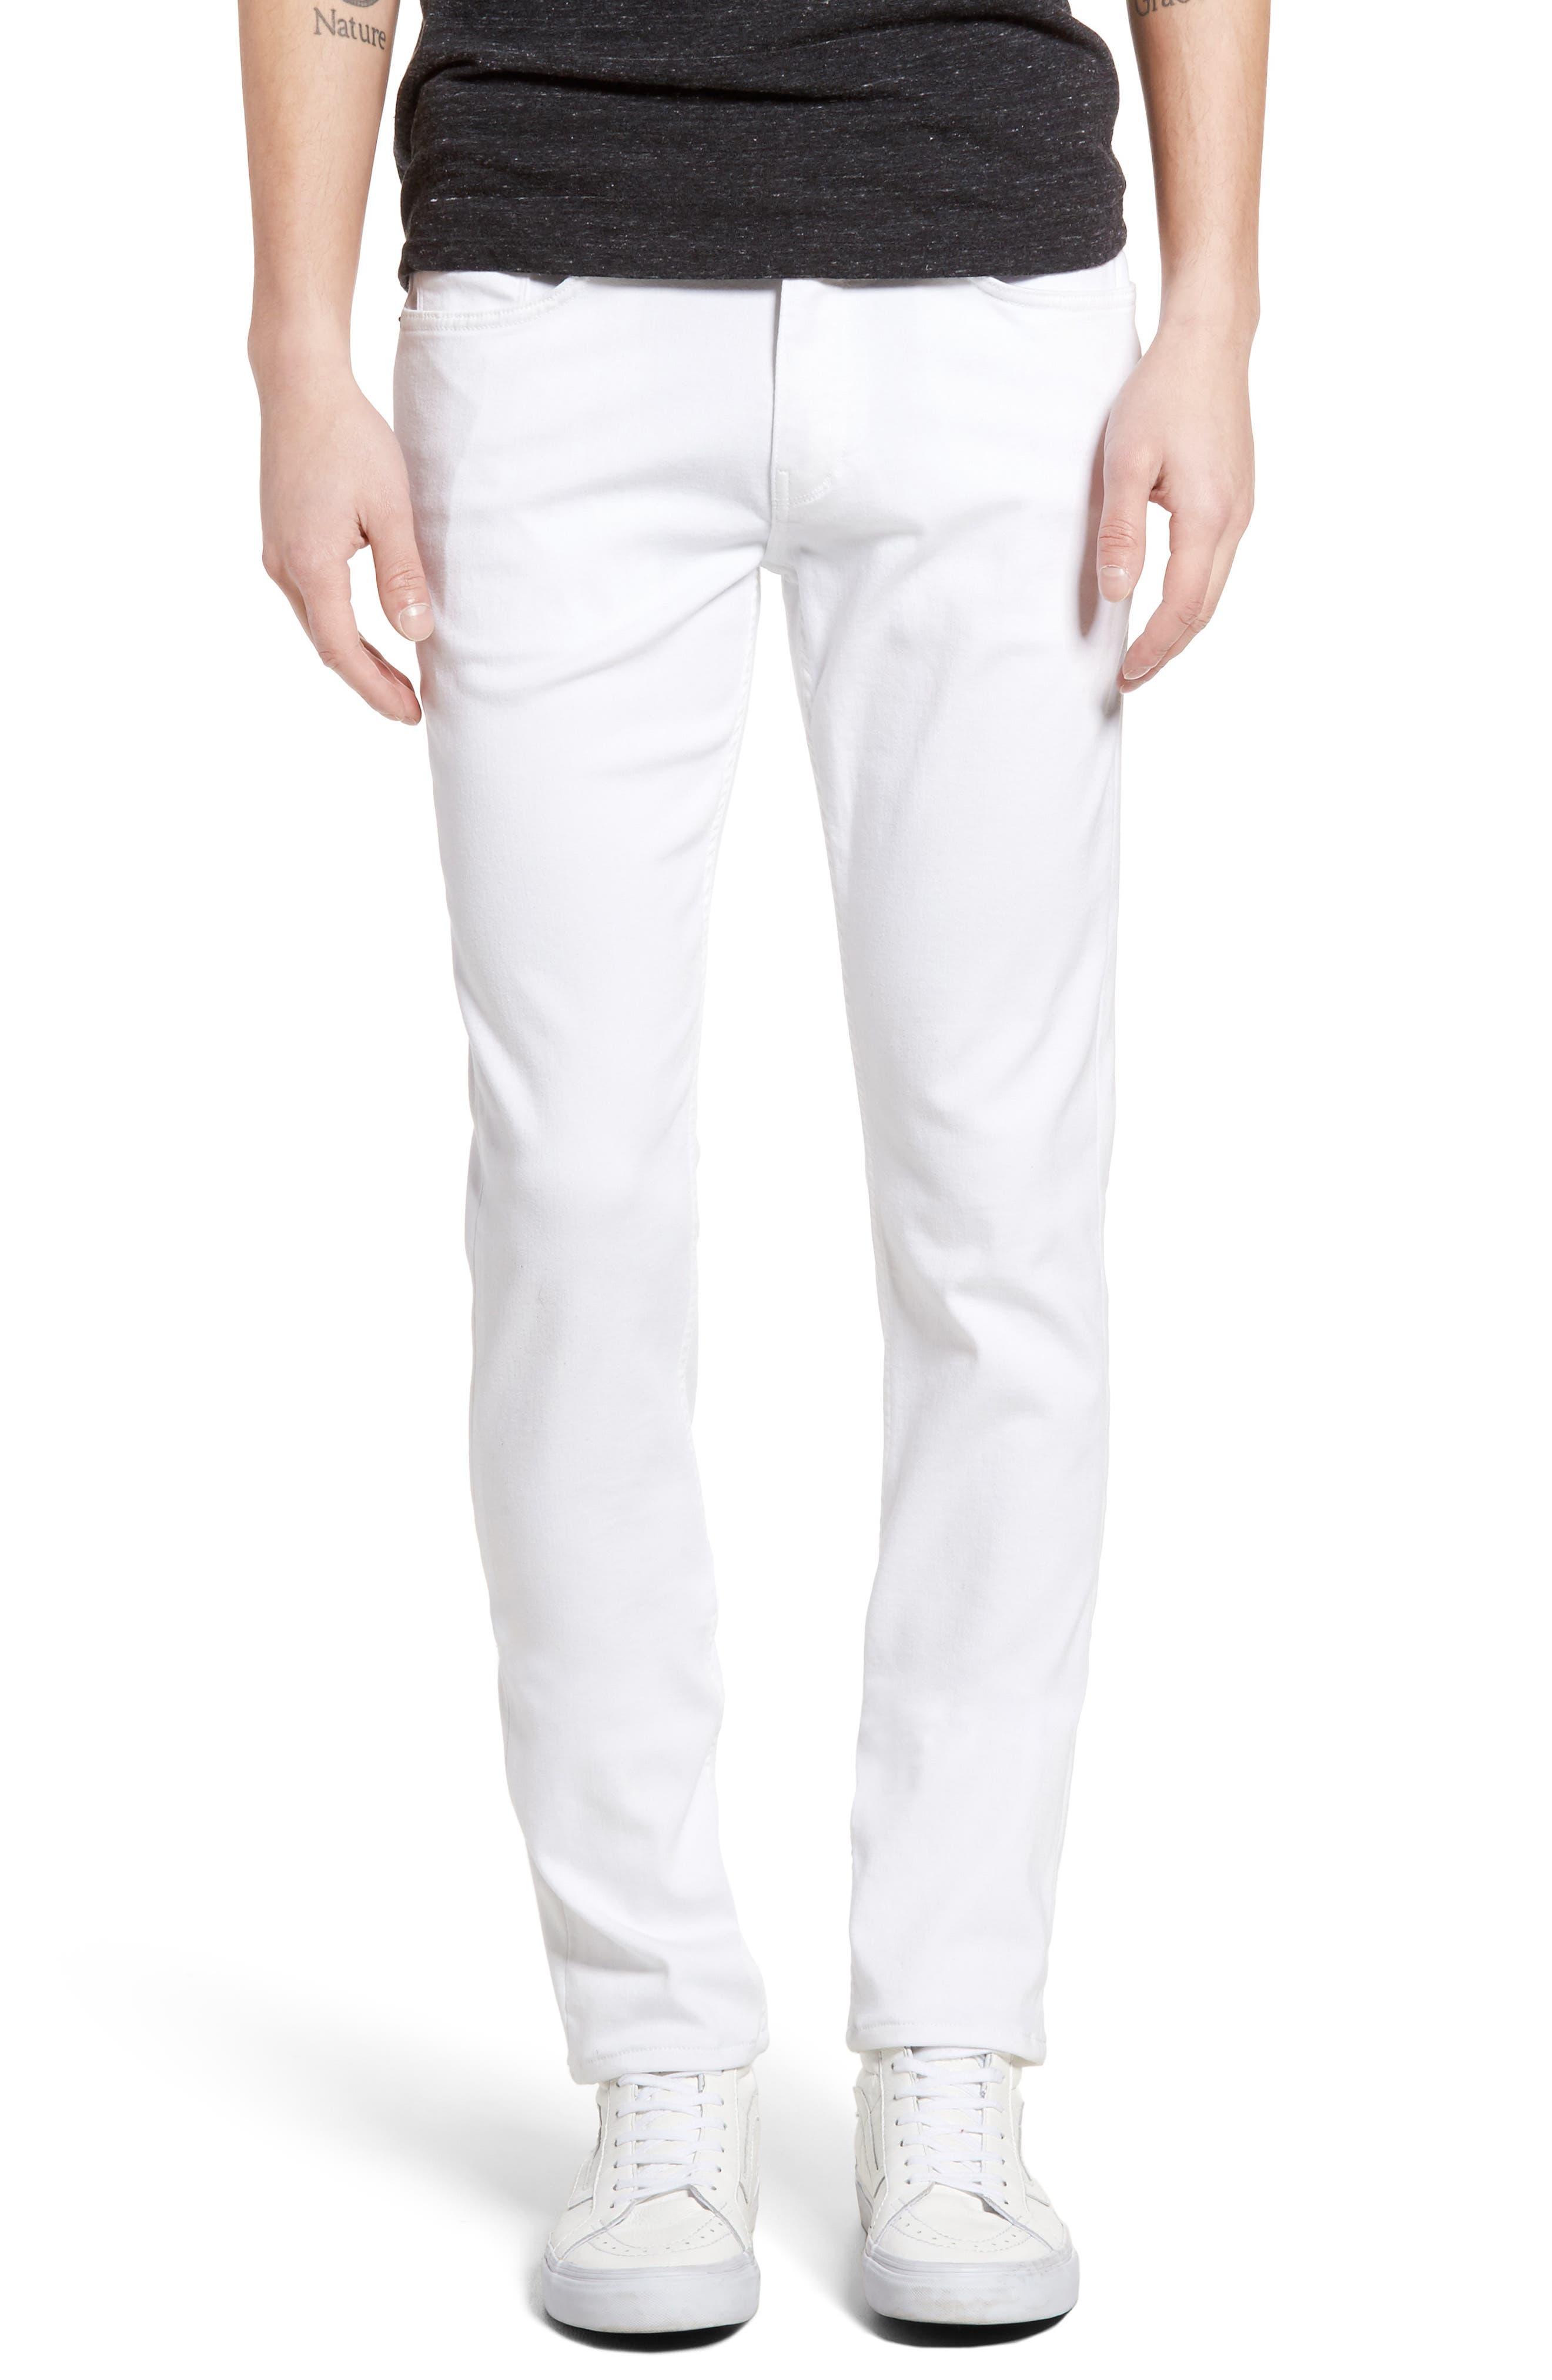 PAIGE, Transcend - Lennox Slim Fit Jeans, Main thumbnail 1, color, ICECAP